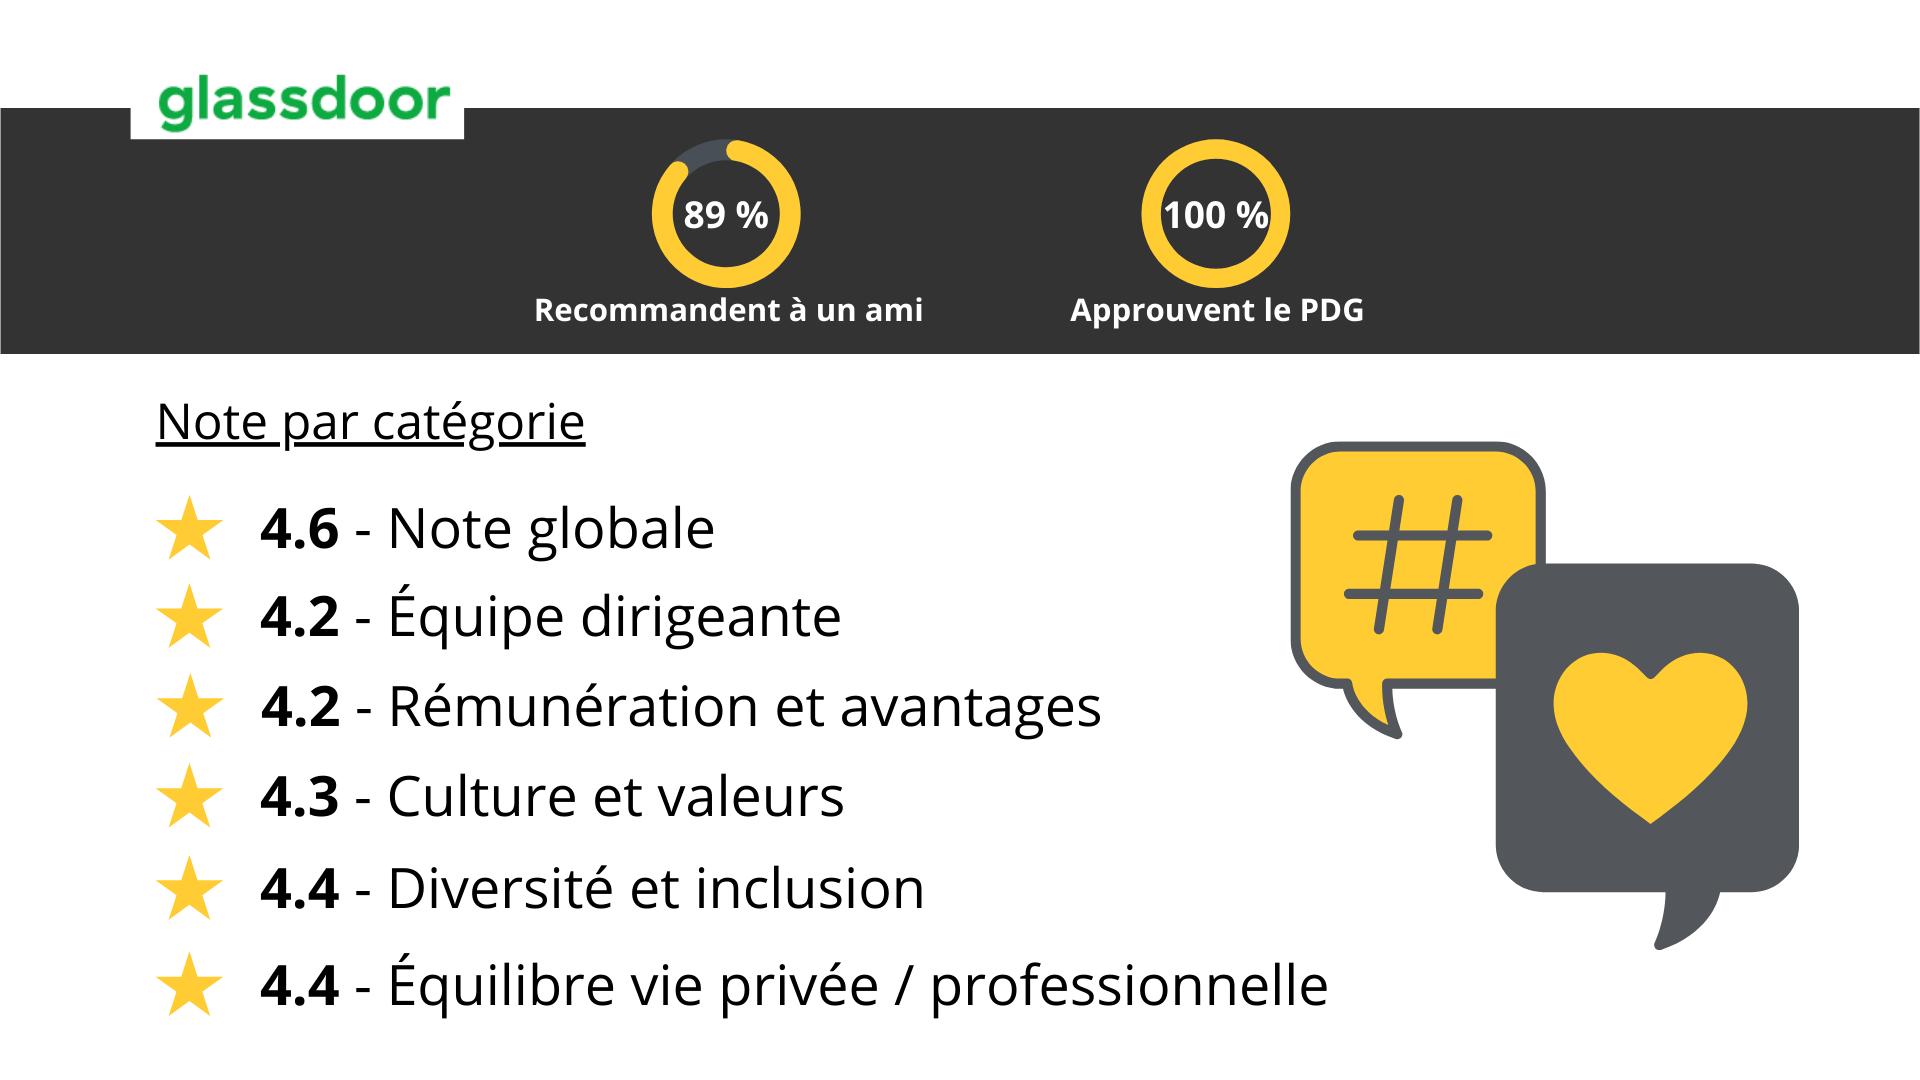 Capture d'écran du recueil des notes par catégorie attribuées à Renault Retail Groupe sur le site internet Glassdoor (notation sur 5) : 4.6 en Note globale, 4.2 en Equipe dirigeante, 4.2 en Rémunération et avantages, 4.3 en Culture et valeurs, 4.4 en Diversité et inclusion, 4.4 en Equilibre vie privée / professionnelle. 89 % des participants recommandent l'entreprise à un ami ; 100 % approuvent le PDG